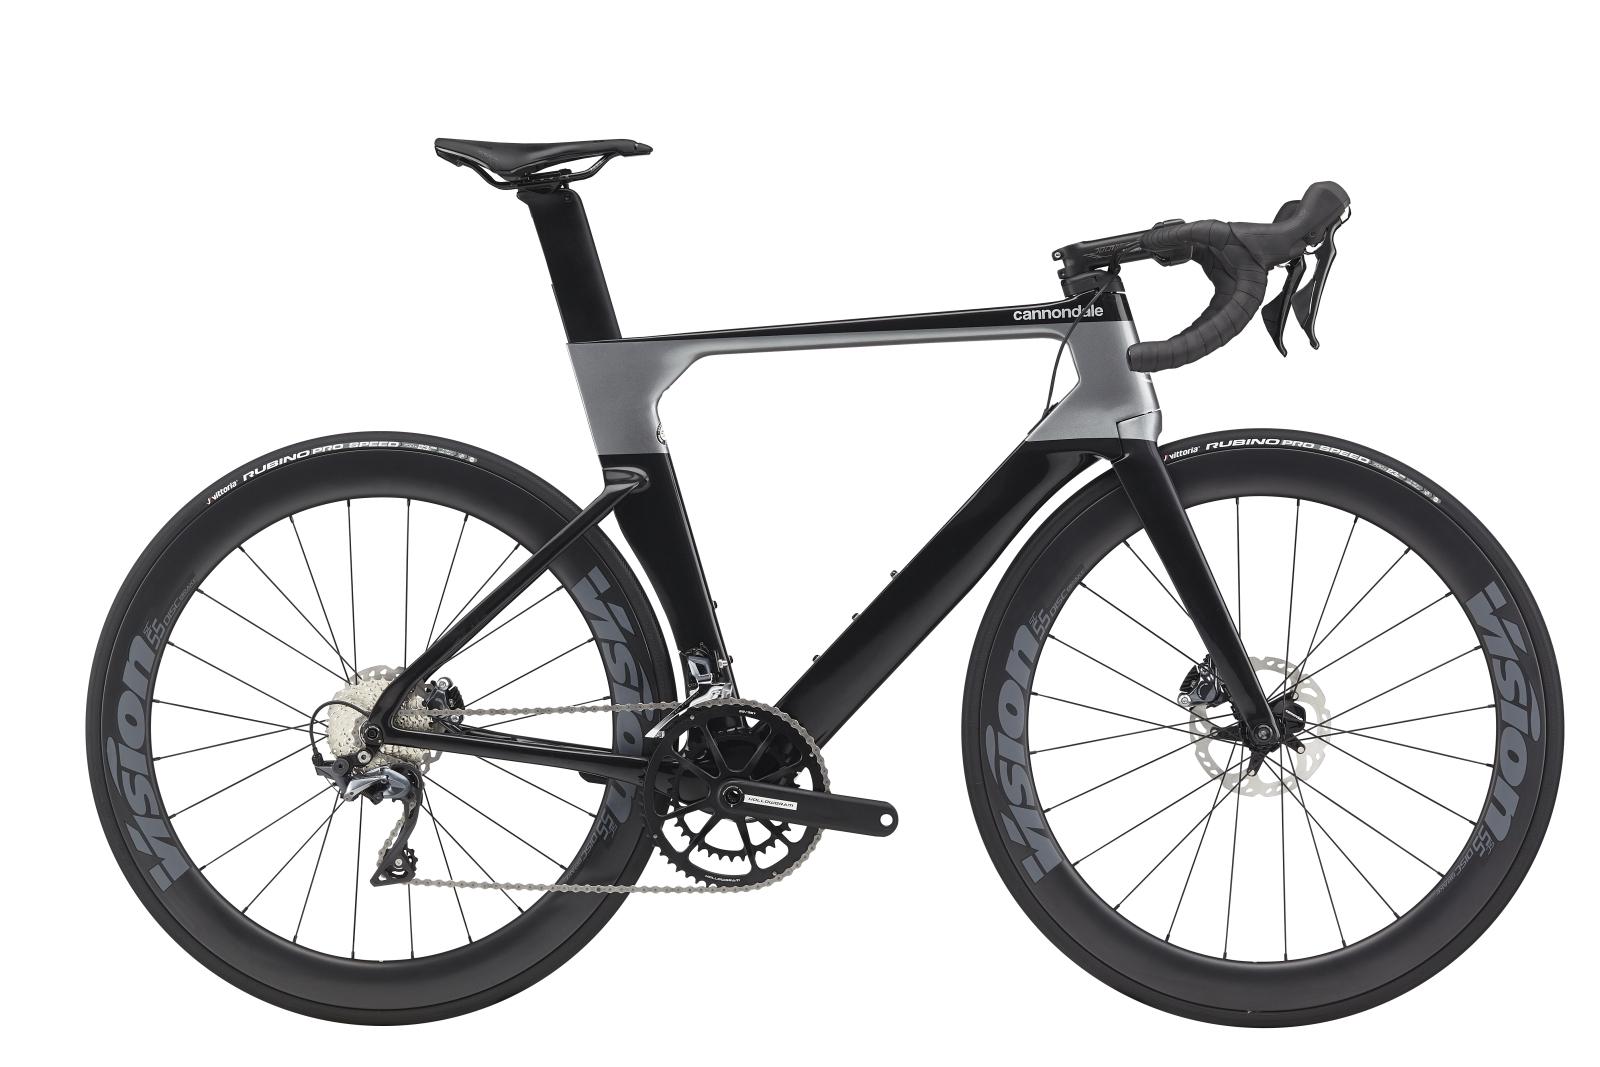 Cannondale System Six Carbon Ultegra országúti kerékpár - fekete - 54 cm (2020)